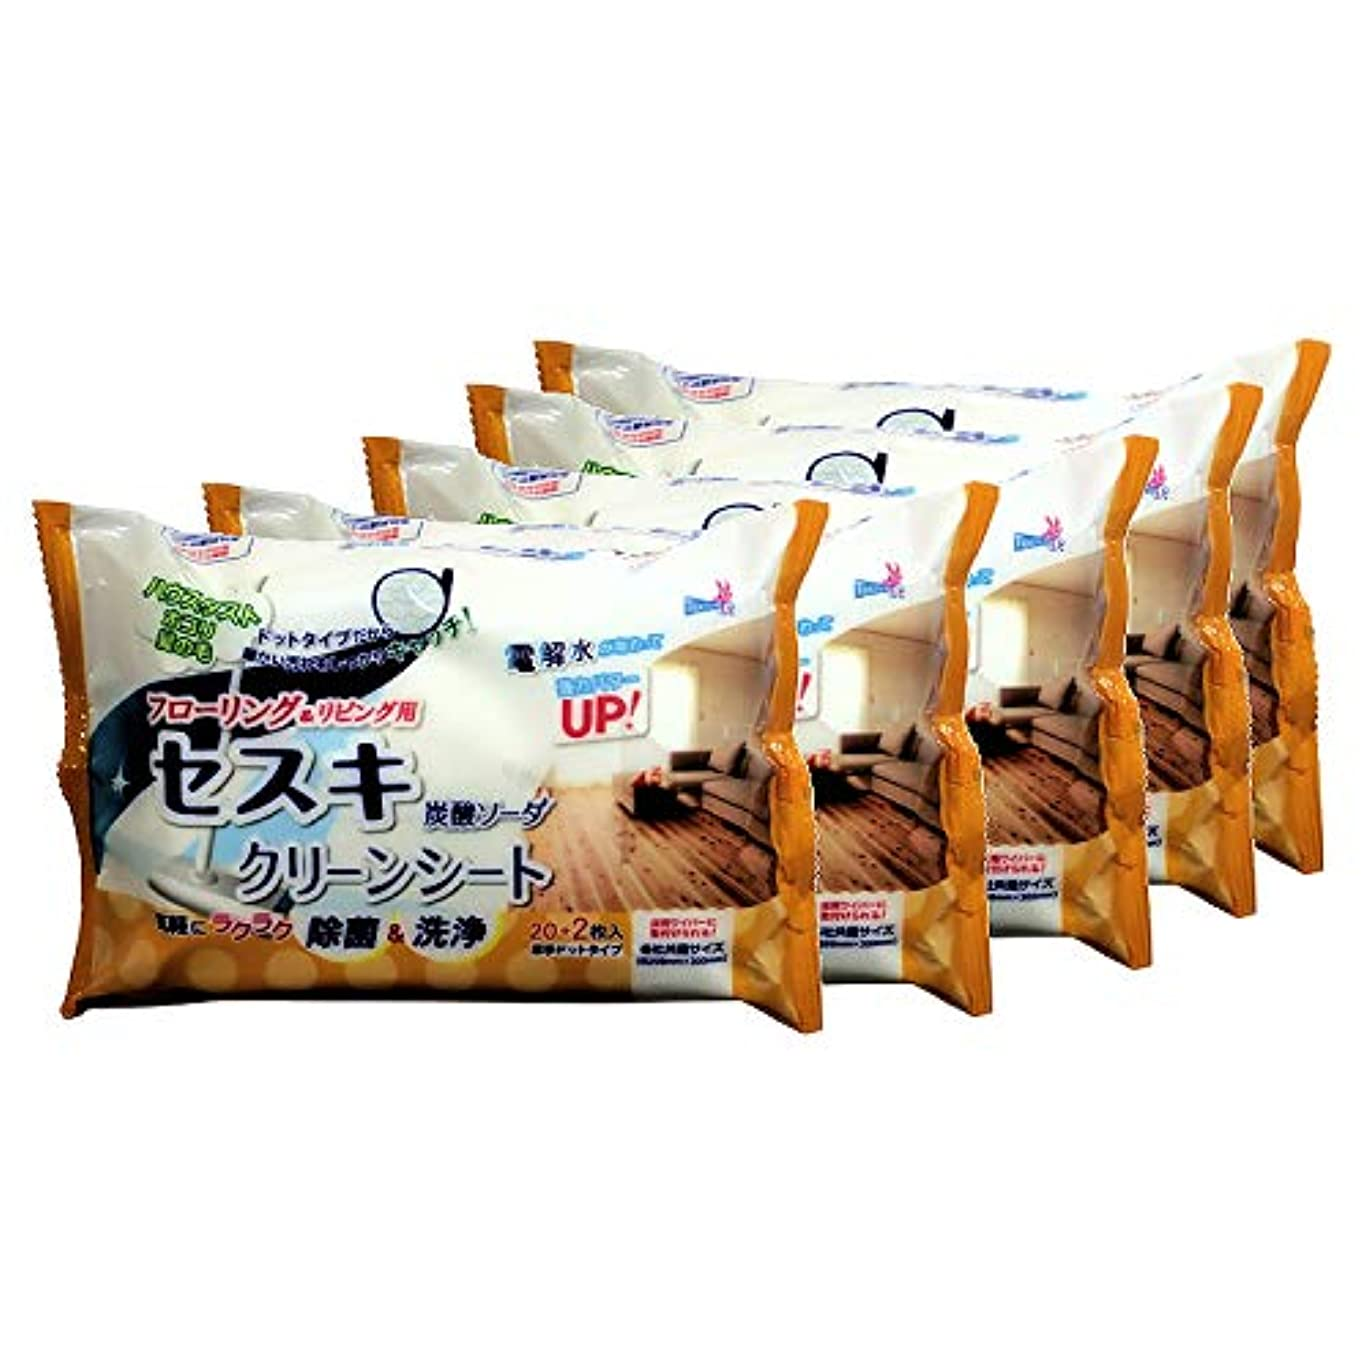 調整ミント舗装する【まとめ買い】 セスキ炭酸ソーダクリーンシート リビング用 22枚×5個